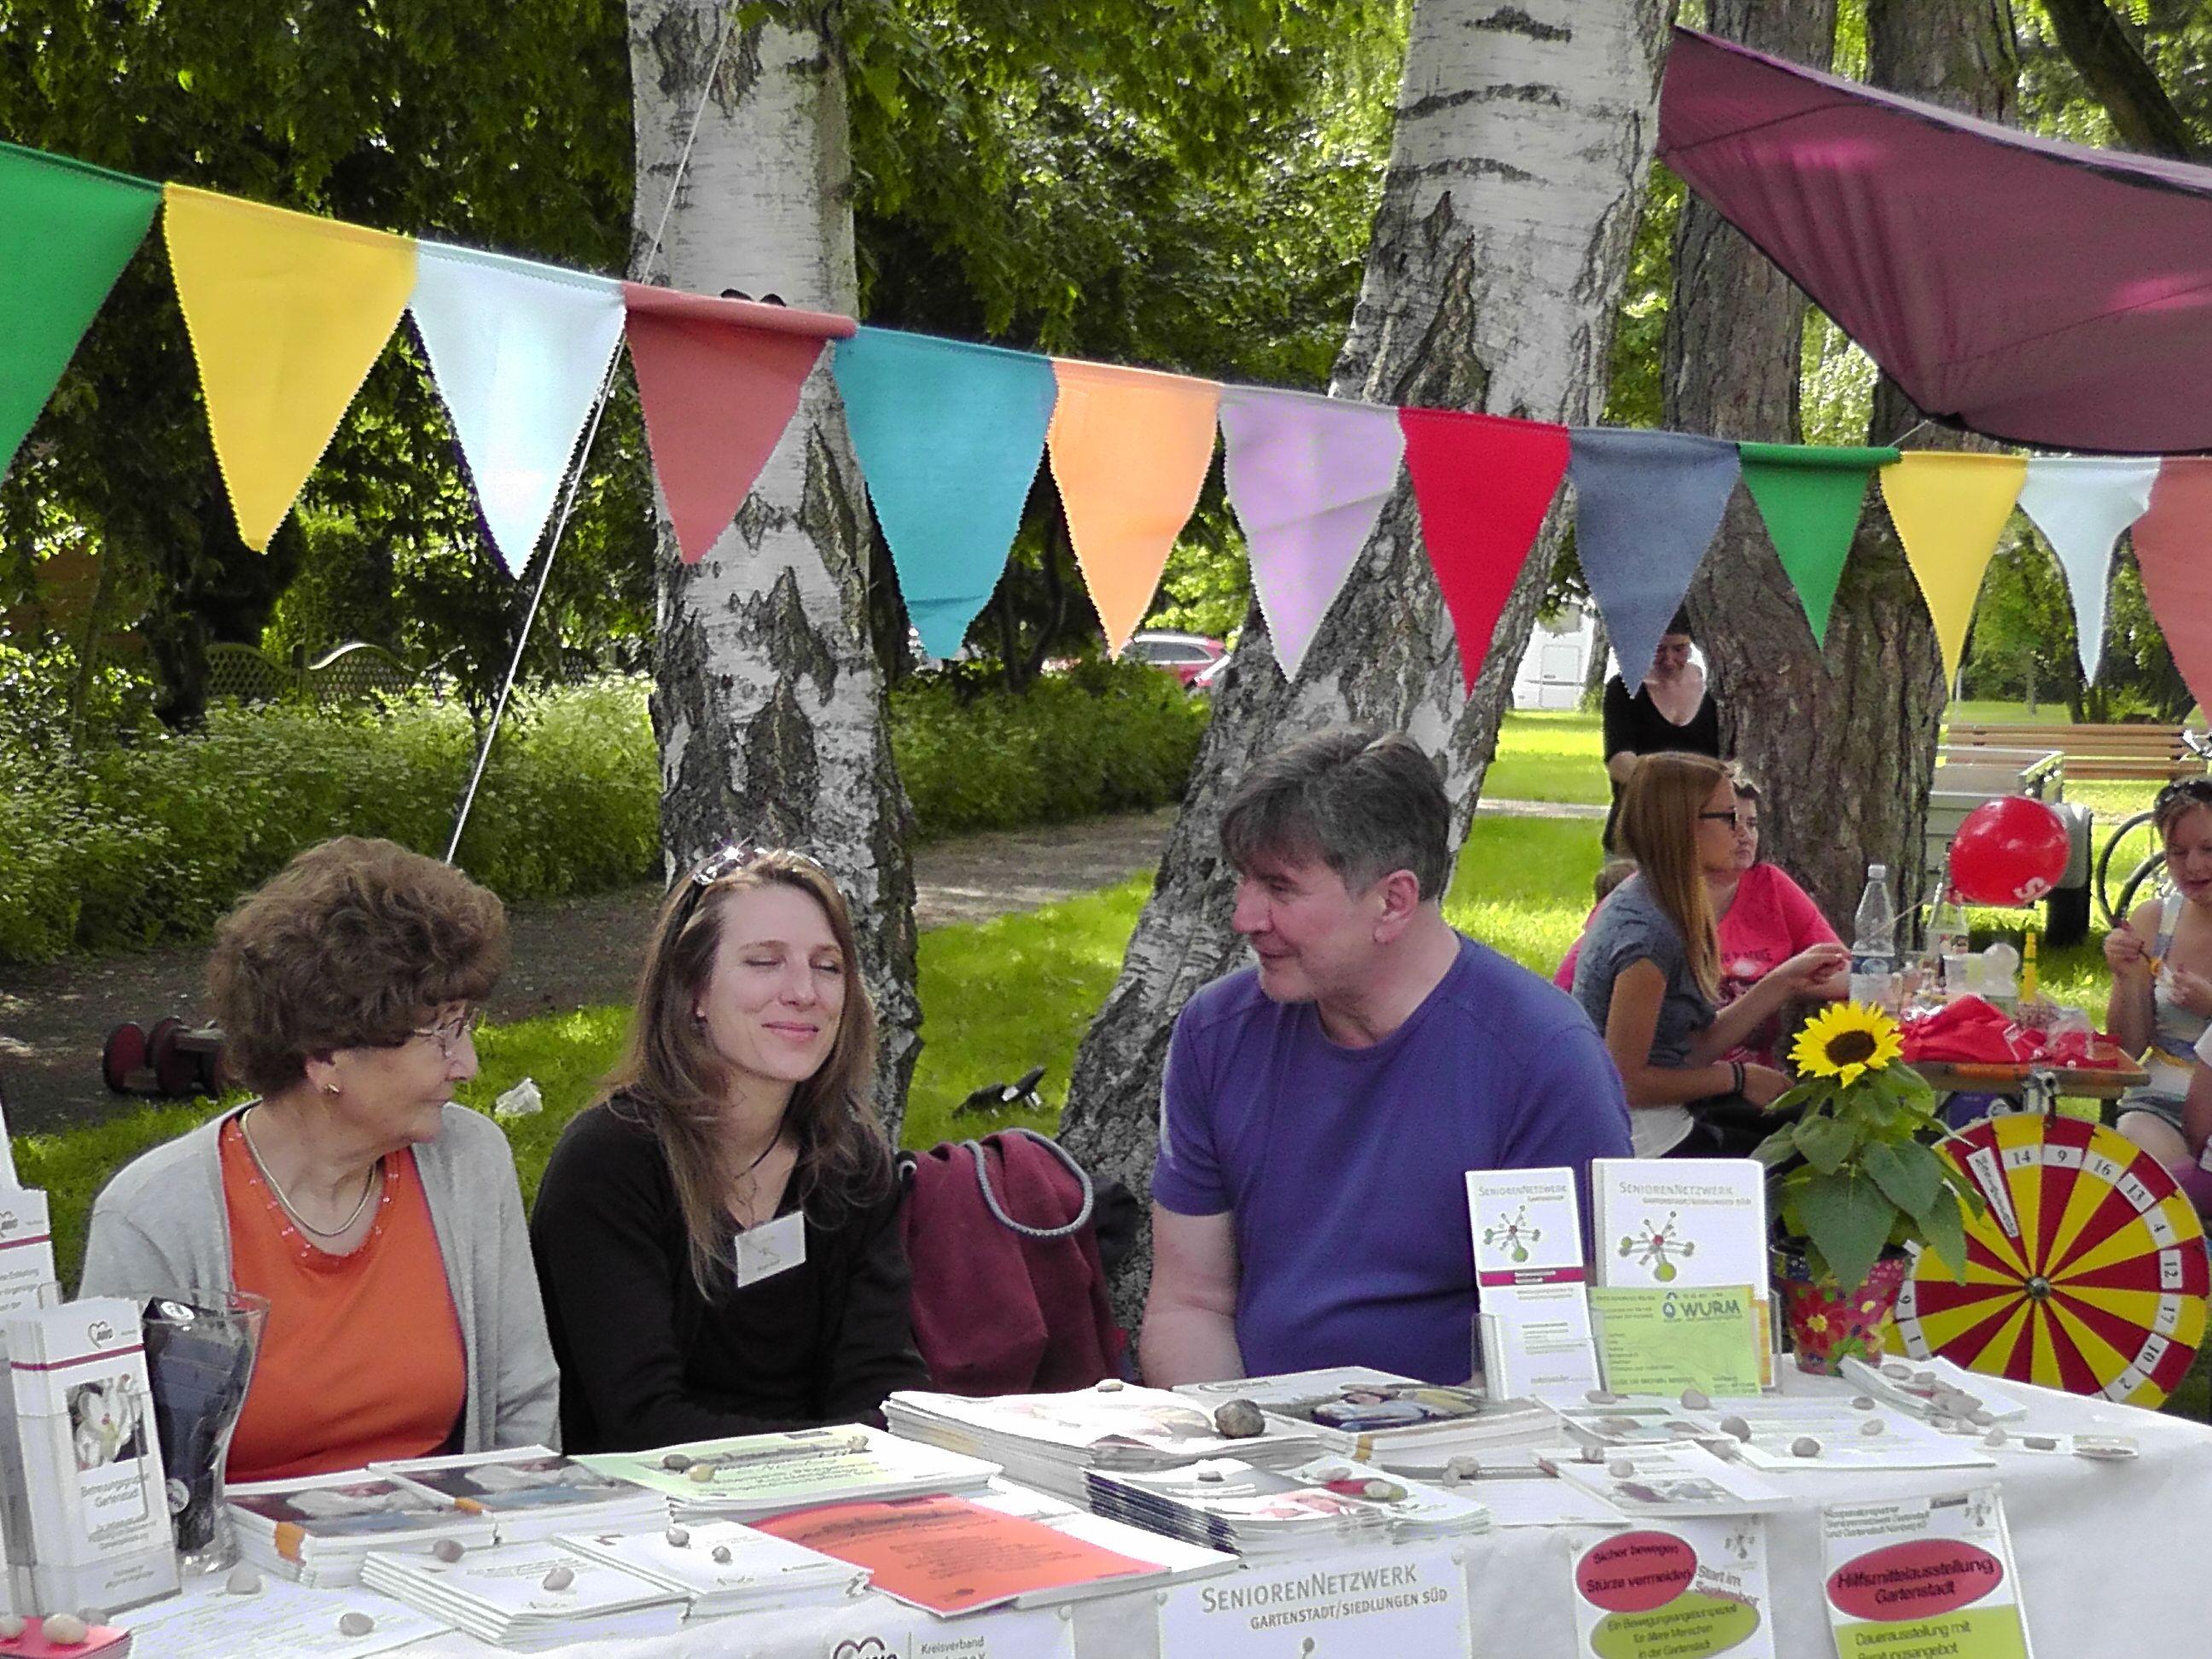 Stadtteilfest 2013, Seniorennetzwerk